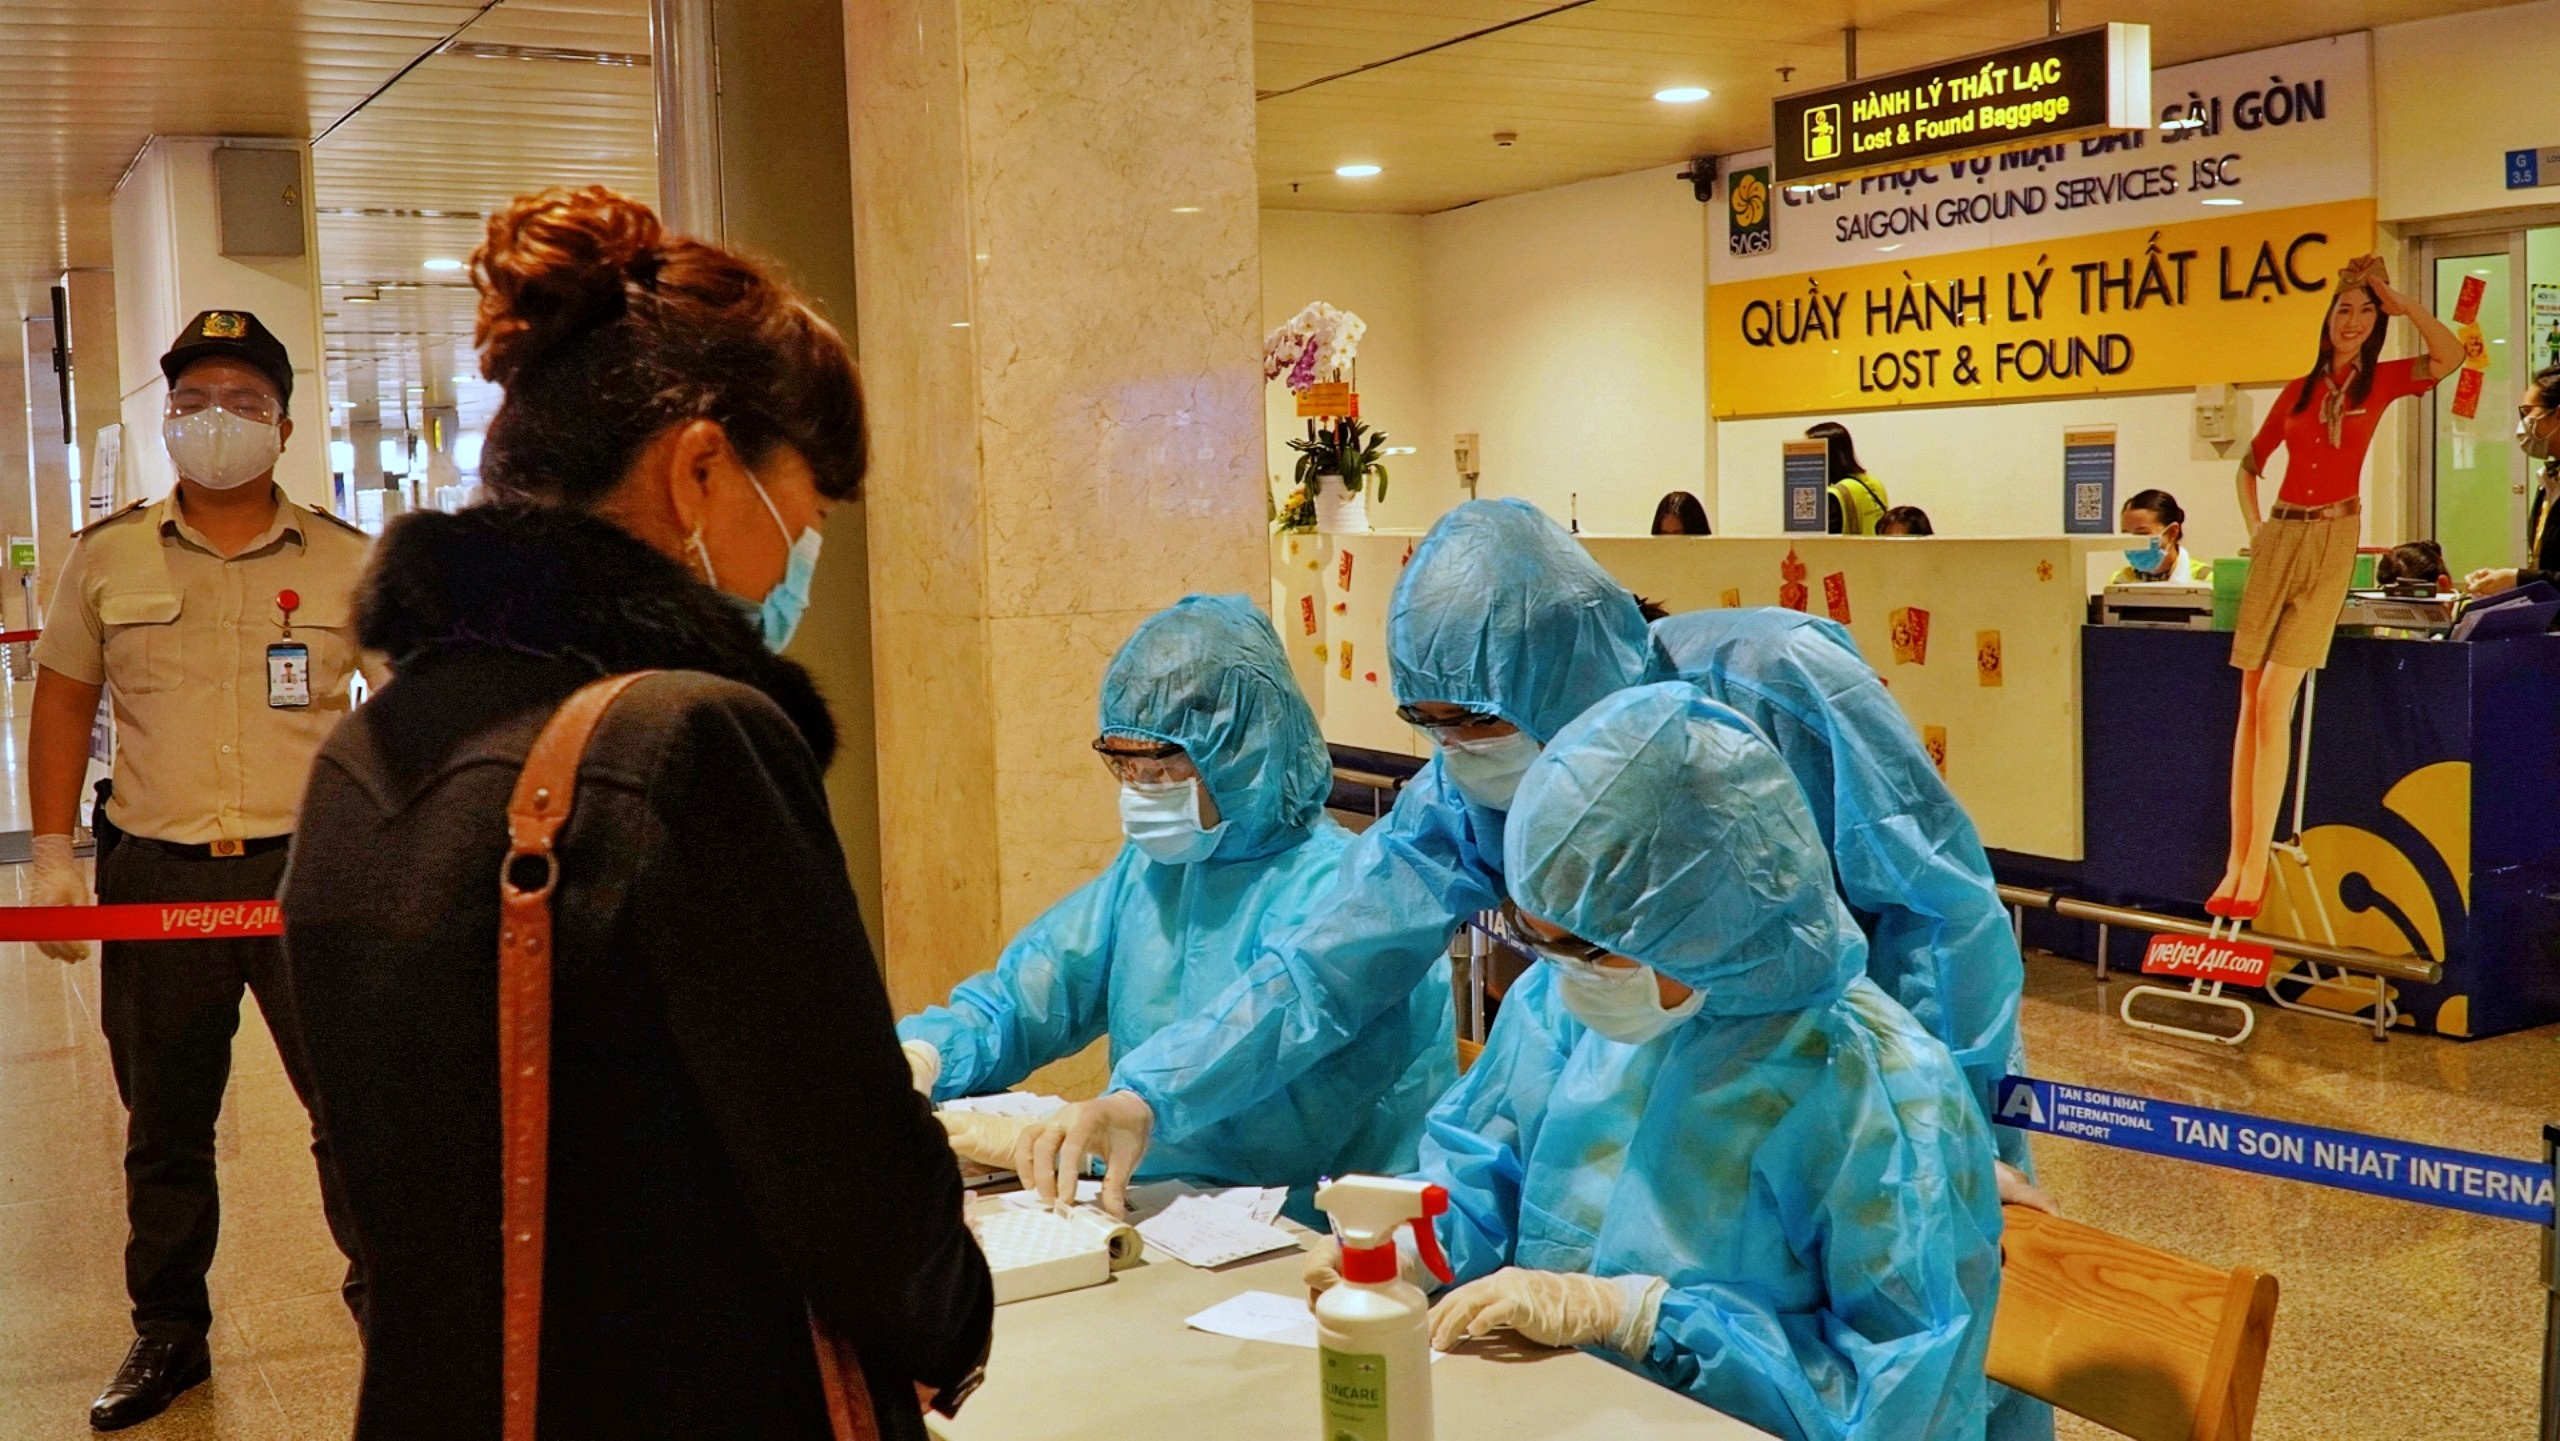 Hình ảnh: Bộ Y tế: Sáng 27/2 Việt Nam không ghi nhận ca nhiễm mới, Hải Dương 27 bệnh nhân nhiễm COVID – 19 ra viện. số 1